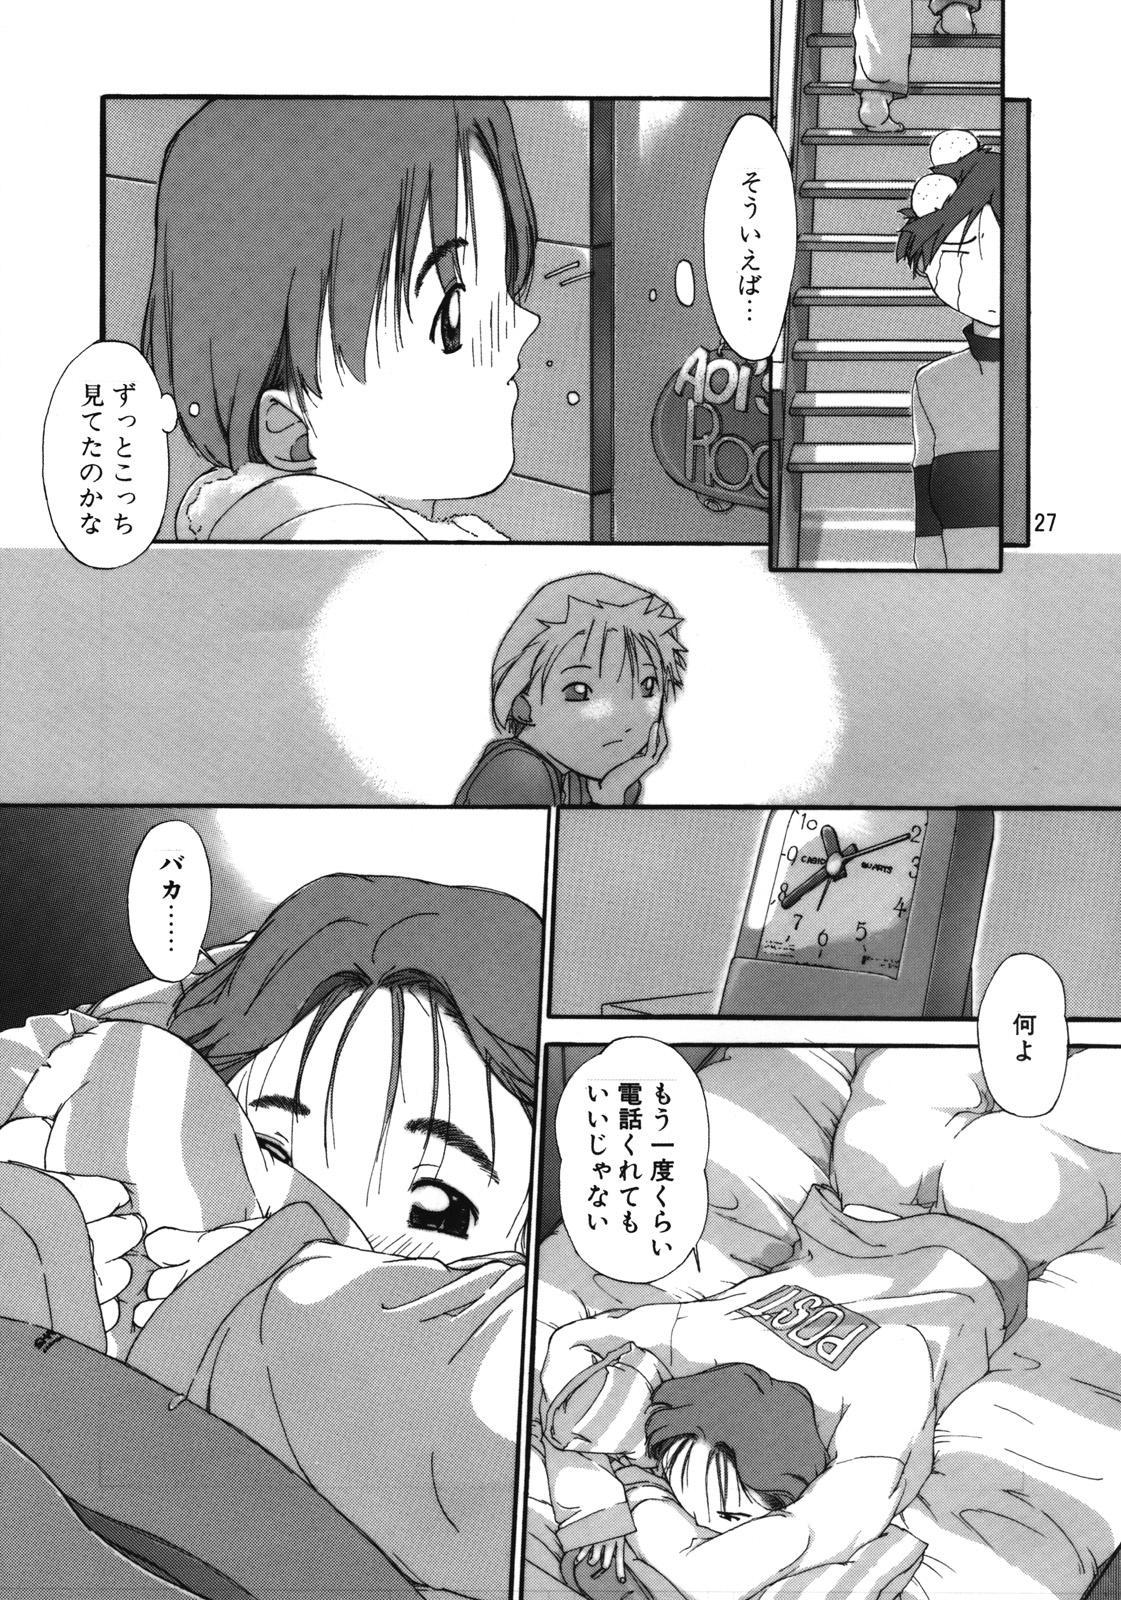 Tanpatsu Yuugi 3 27